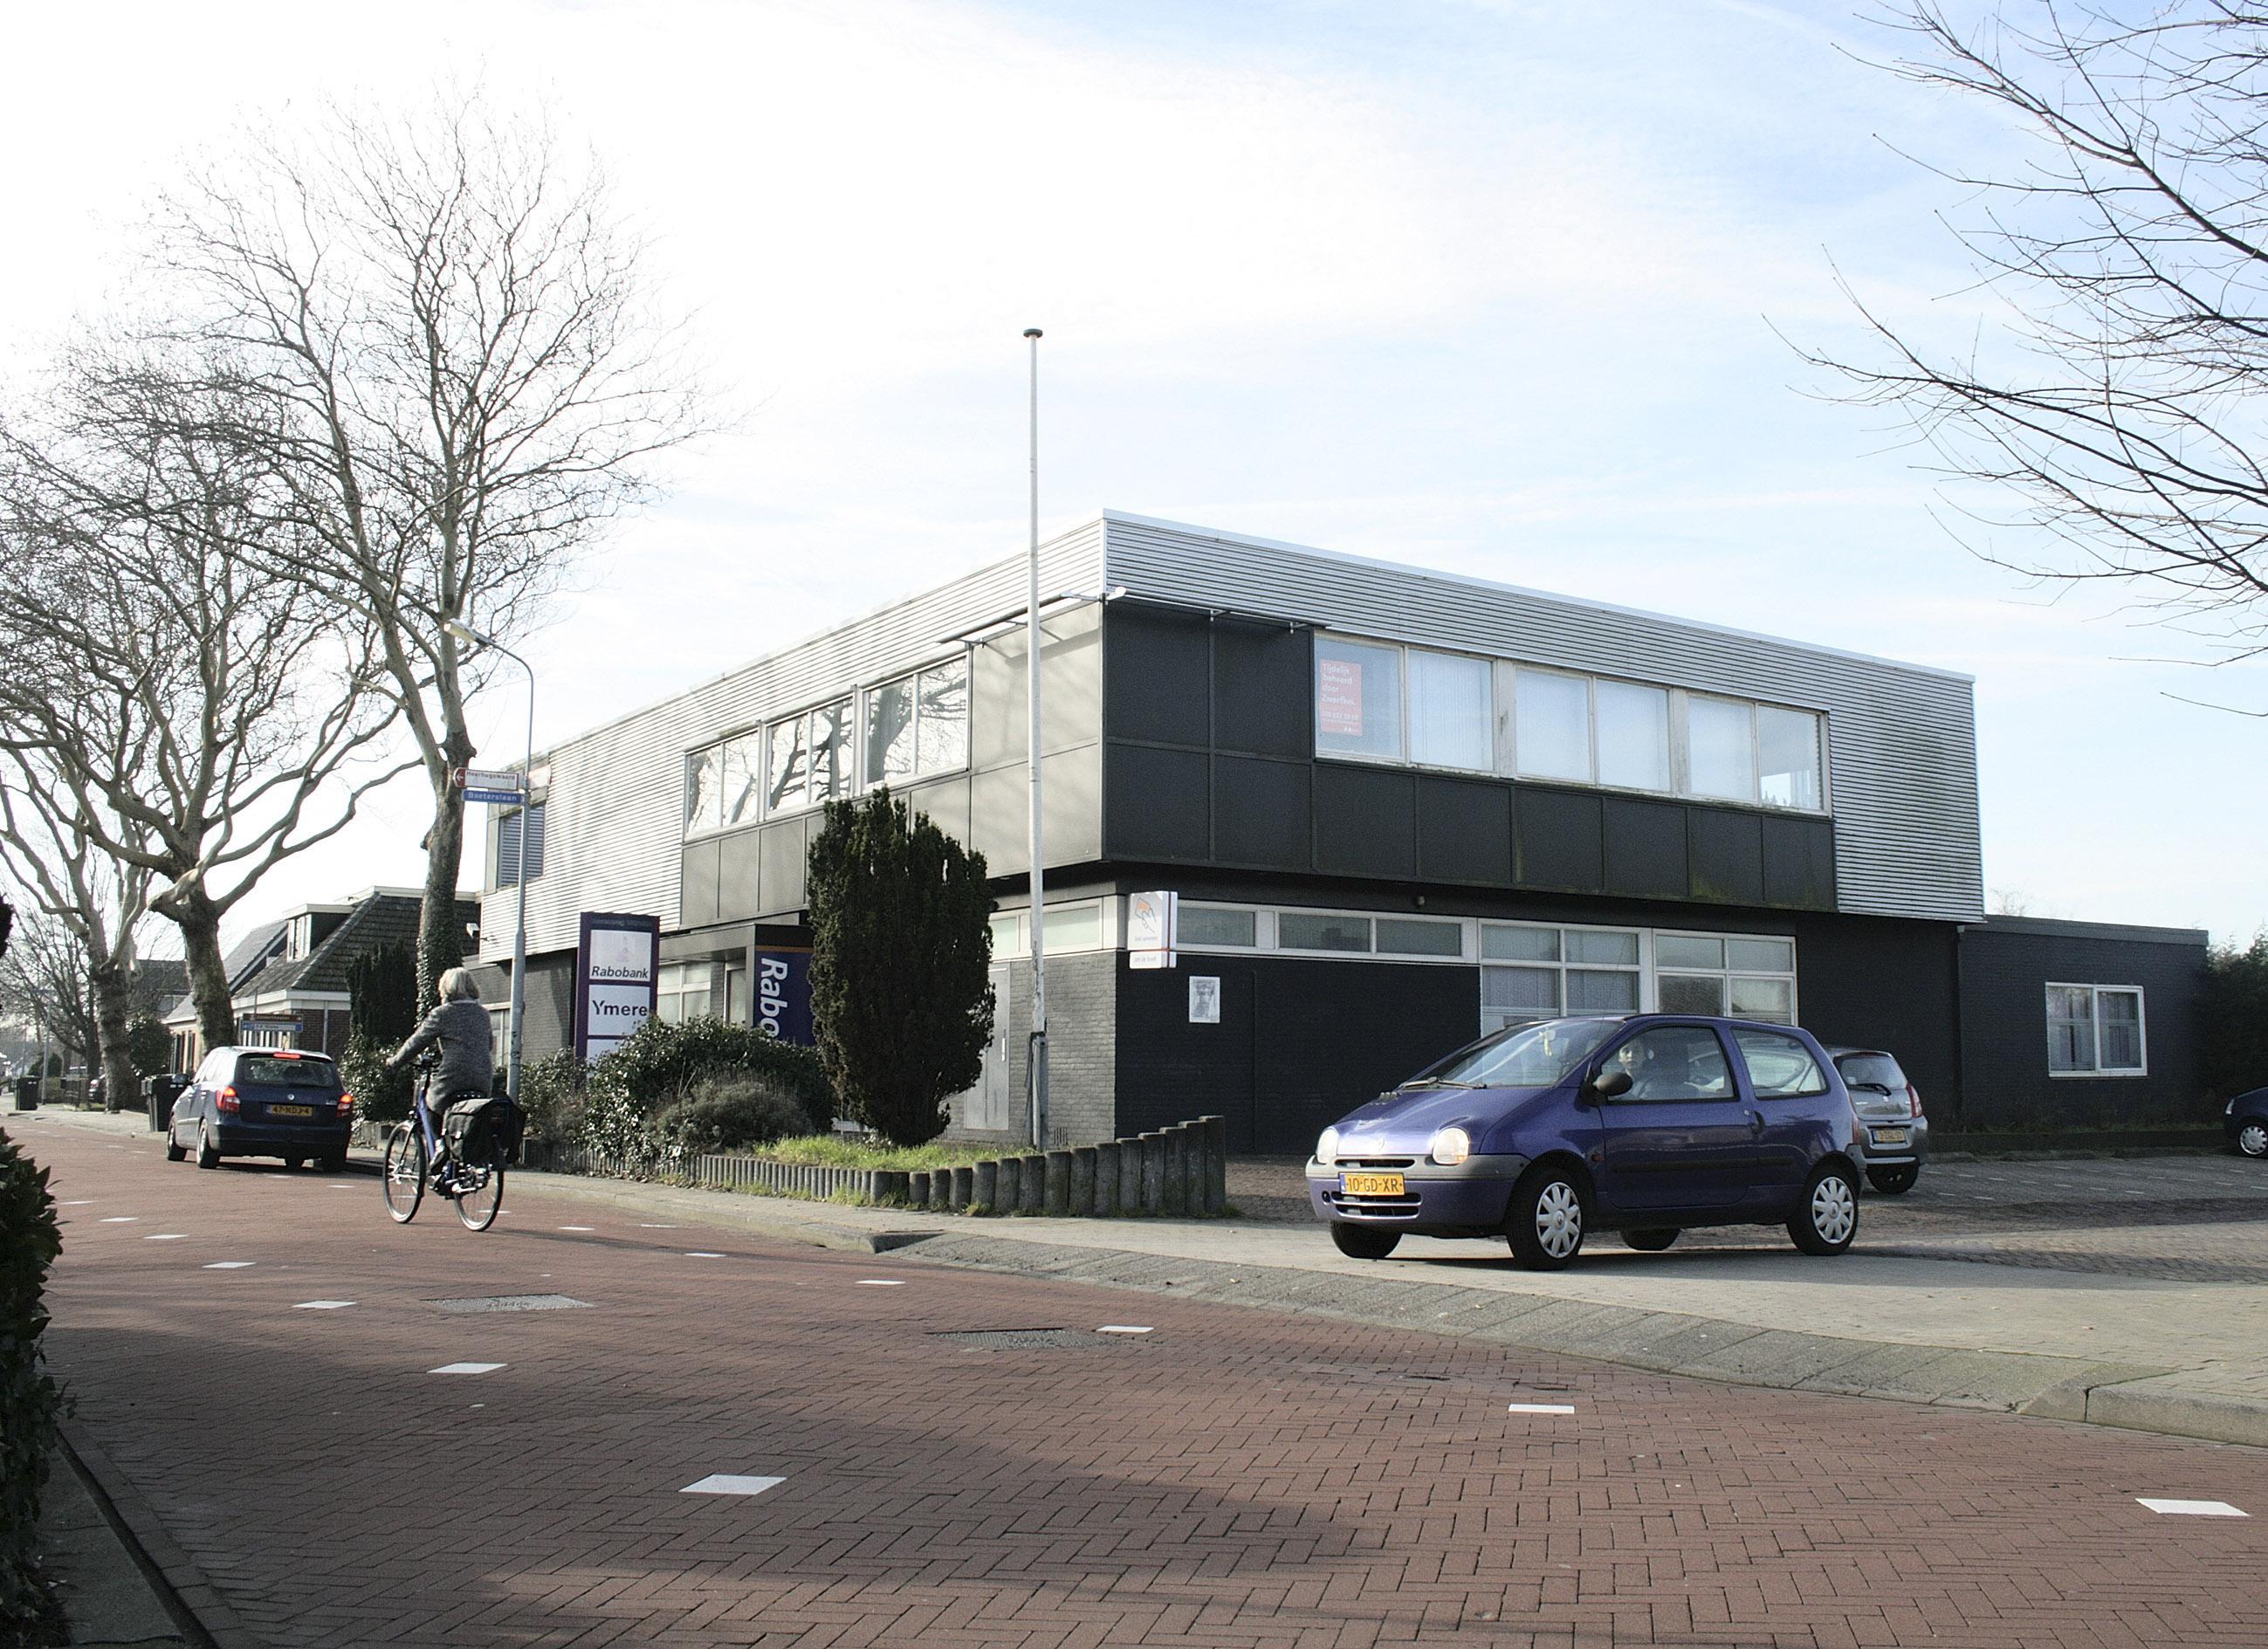 Appartementen in voormalige Rabobank Sint Pancras